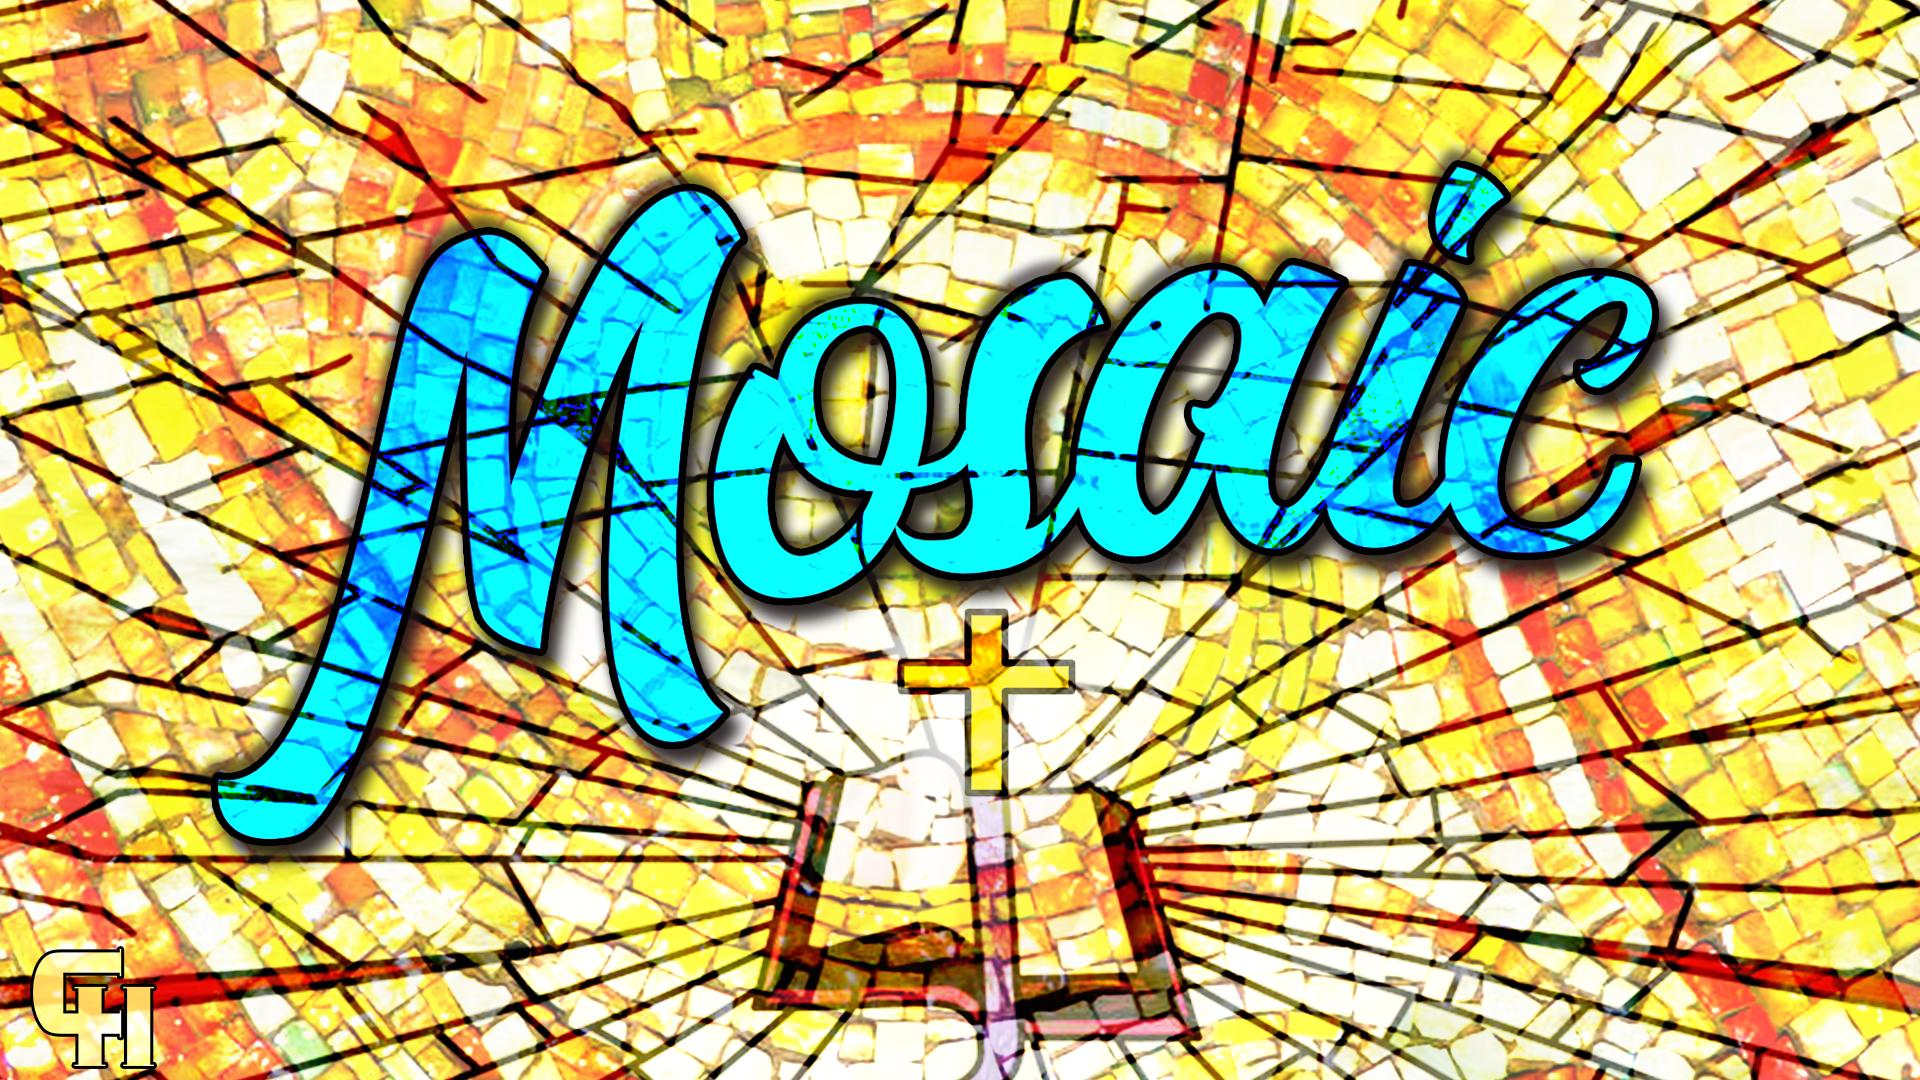 Mosaic_Main.jpg